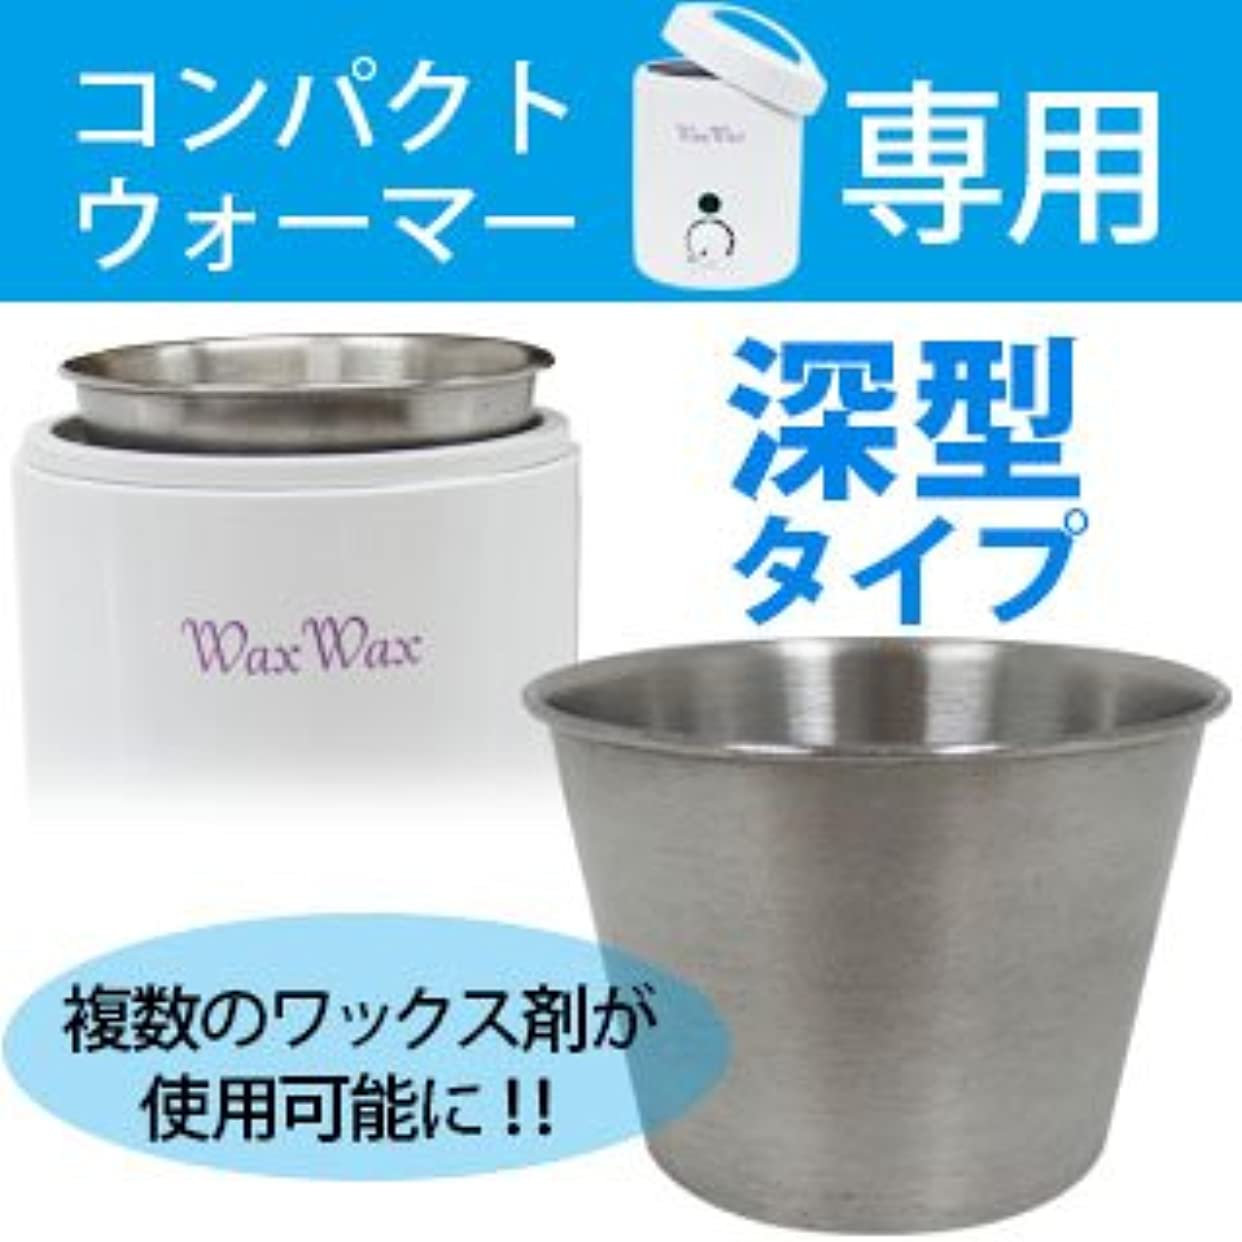 普及明らかに半円【深型】コンパクトウォーマー専用 ハードワックス缶 空き缶 ナベ 鍋 ハード専用